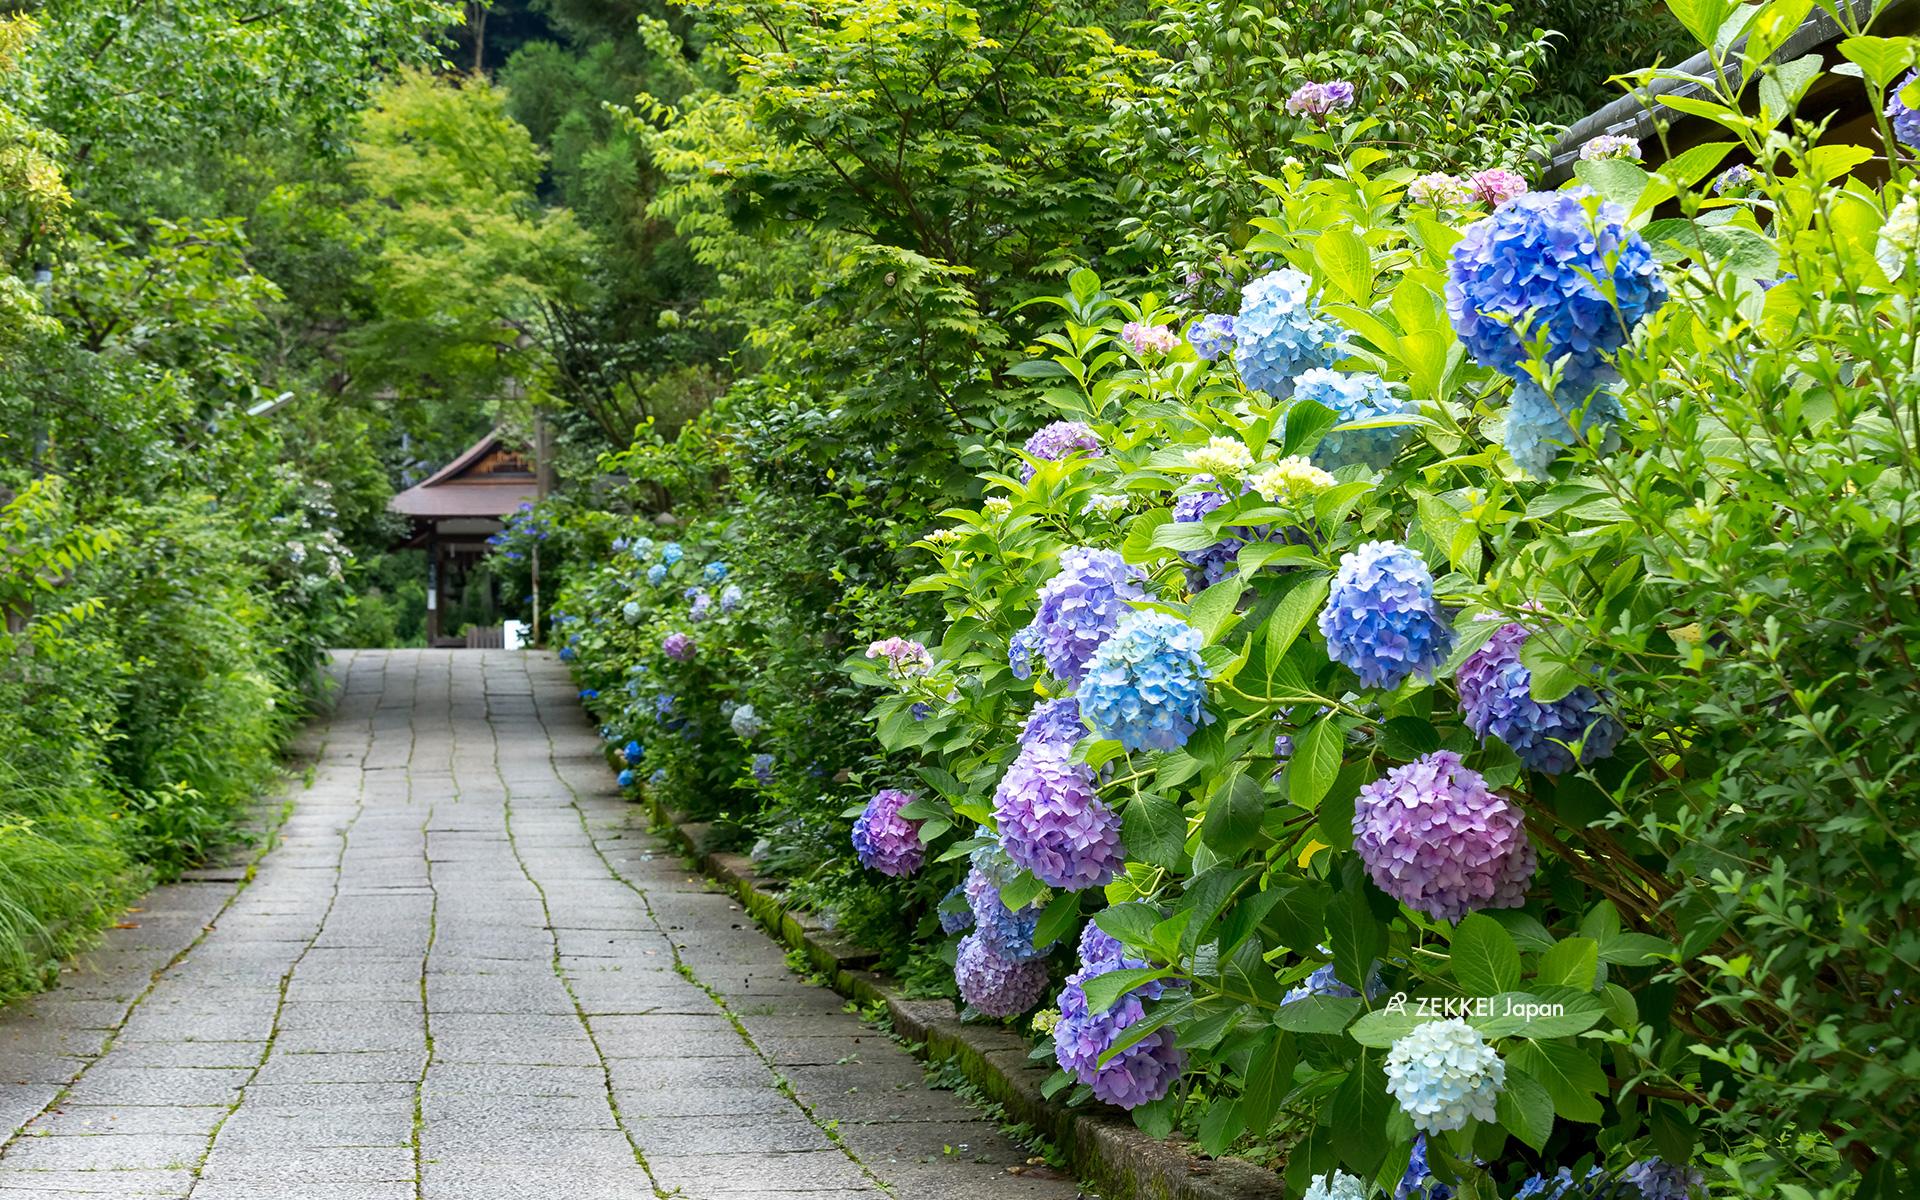 絕景桌布 梅雨季中唯美紫陽花絕景桌布大放送 絕景日本